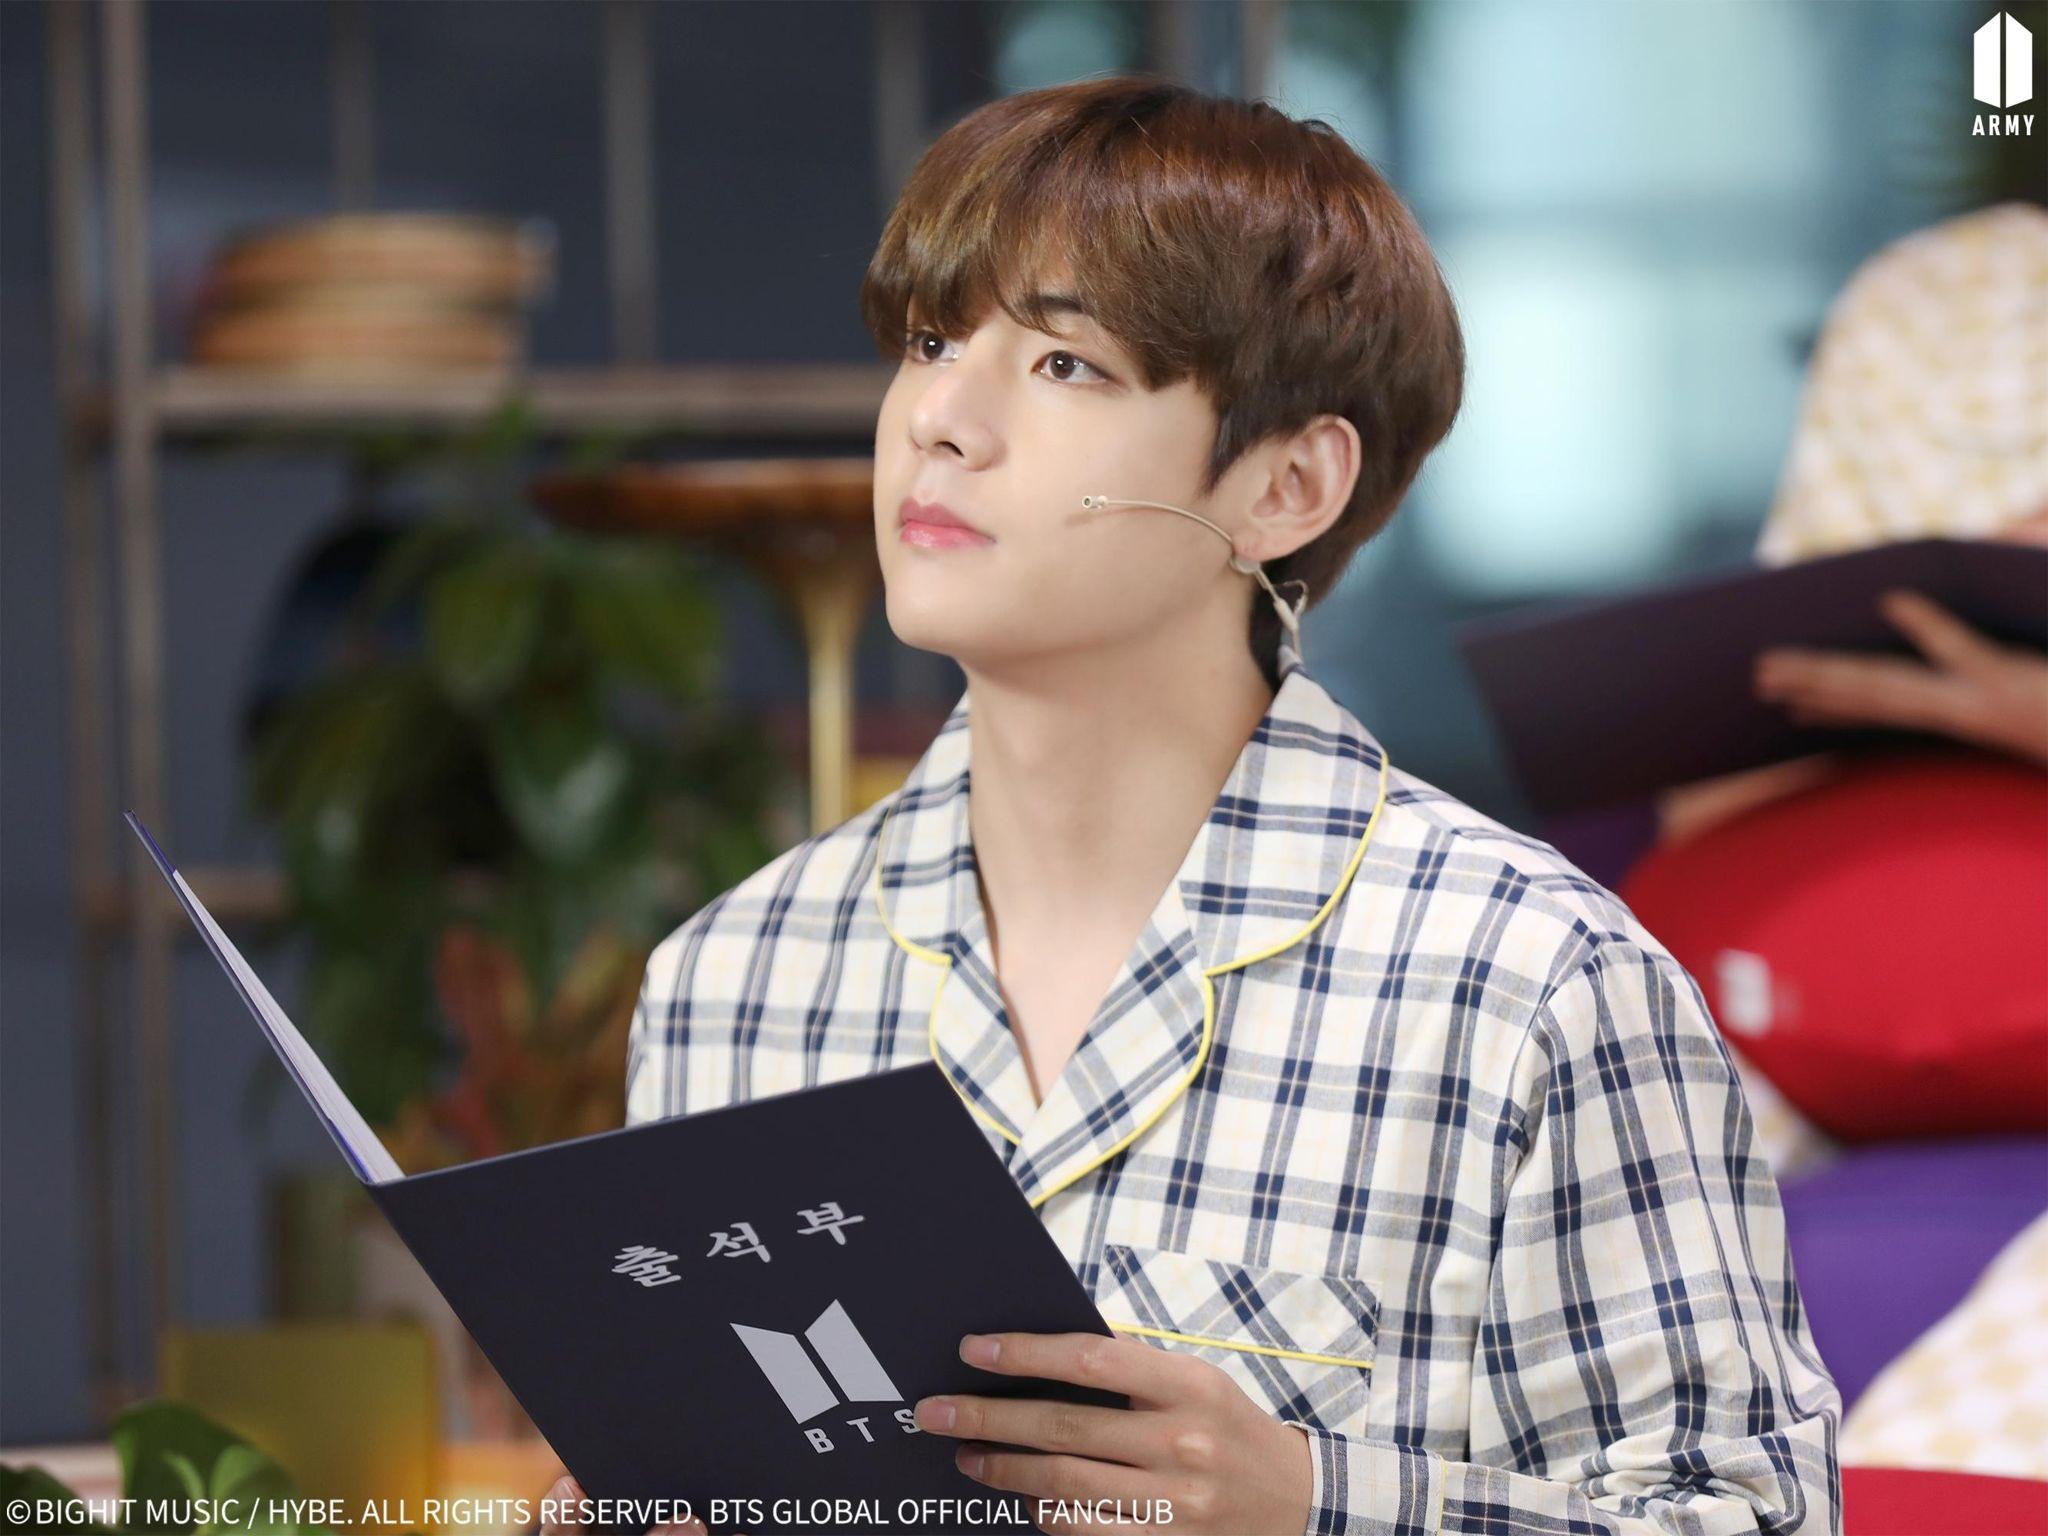 Ảnh mới của V (BTS) khiến fan ngỡ như thời gian bỏ quên suốt 3 năm